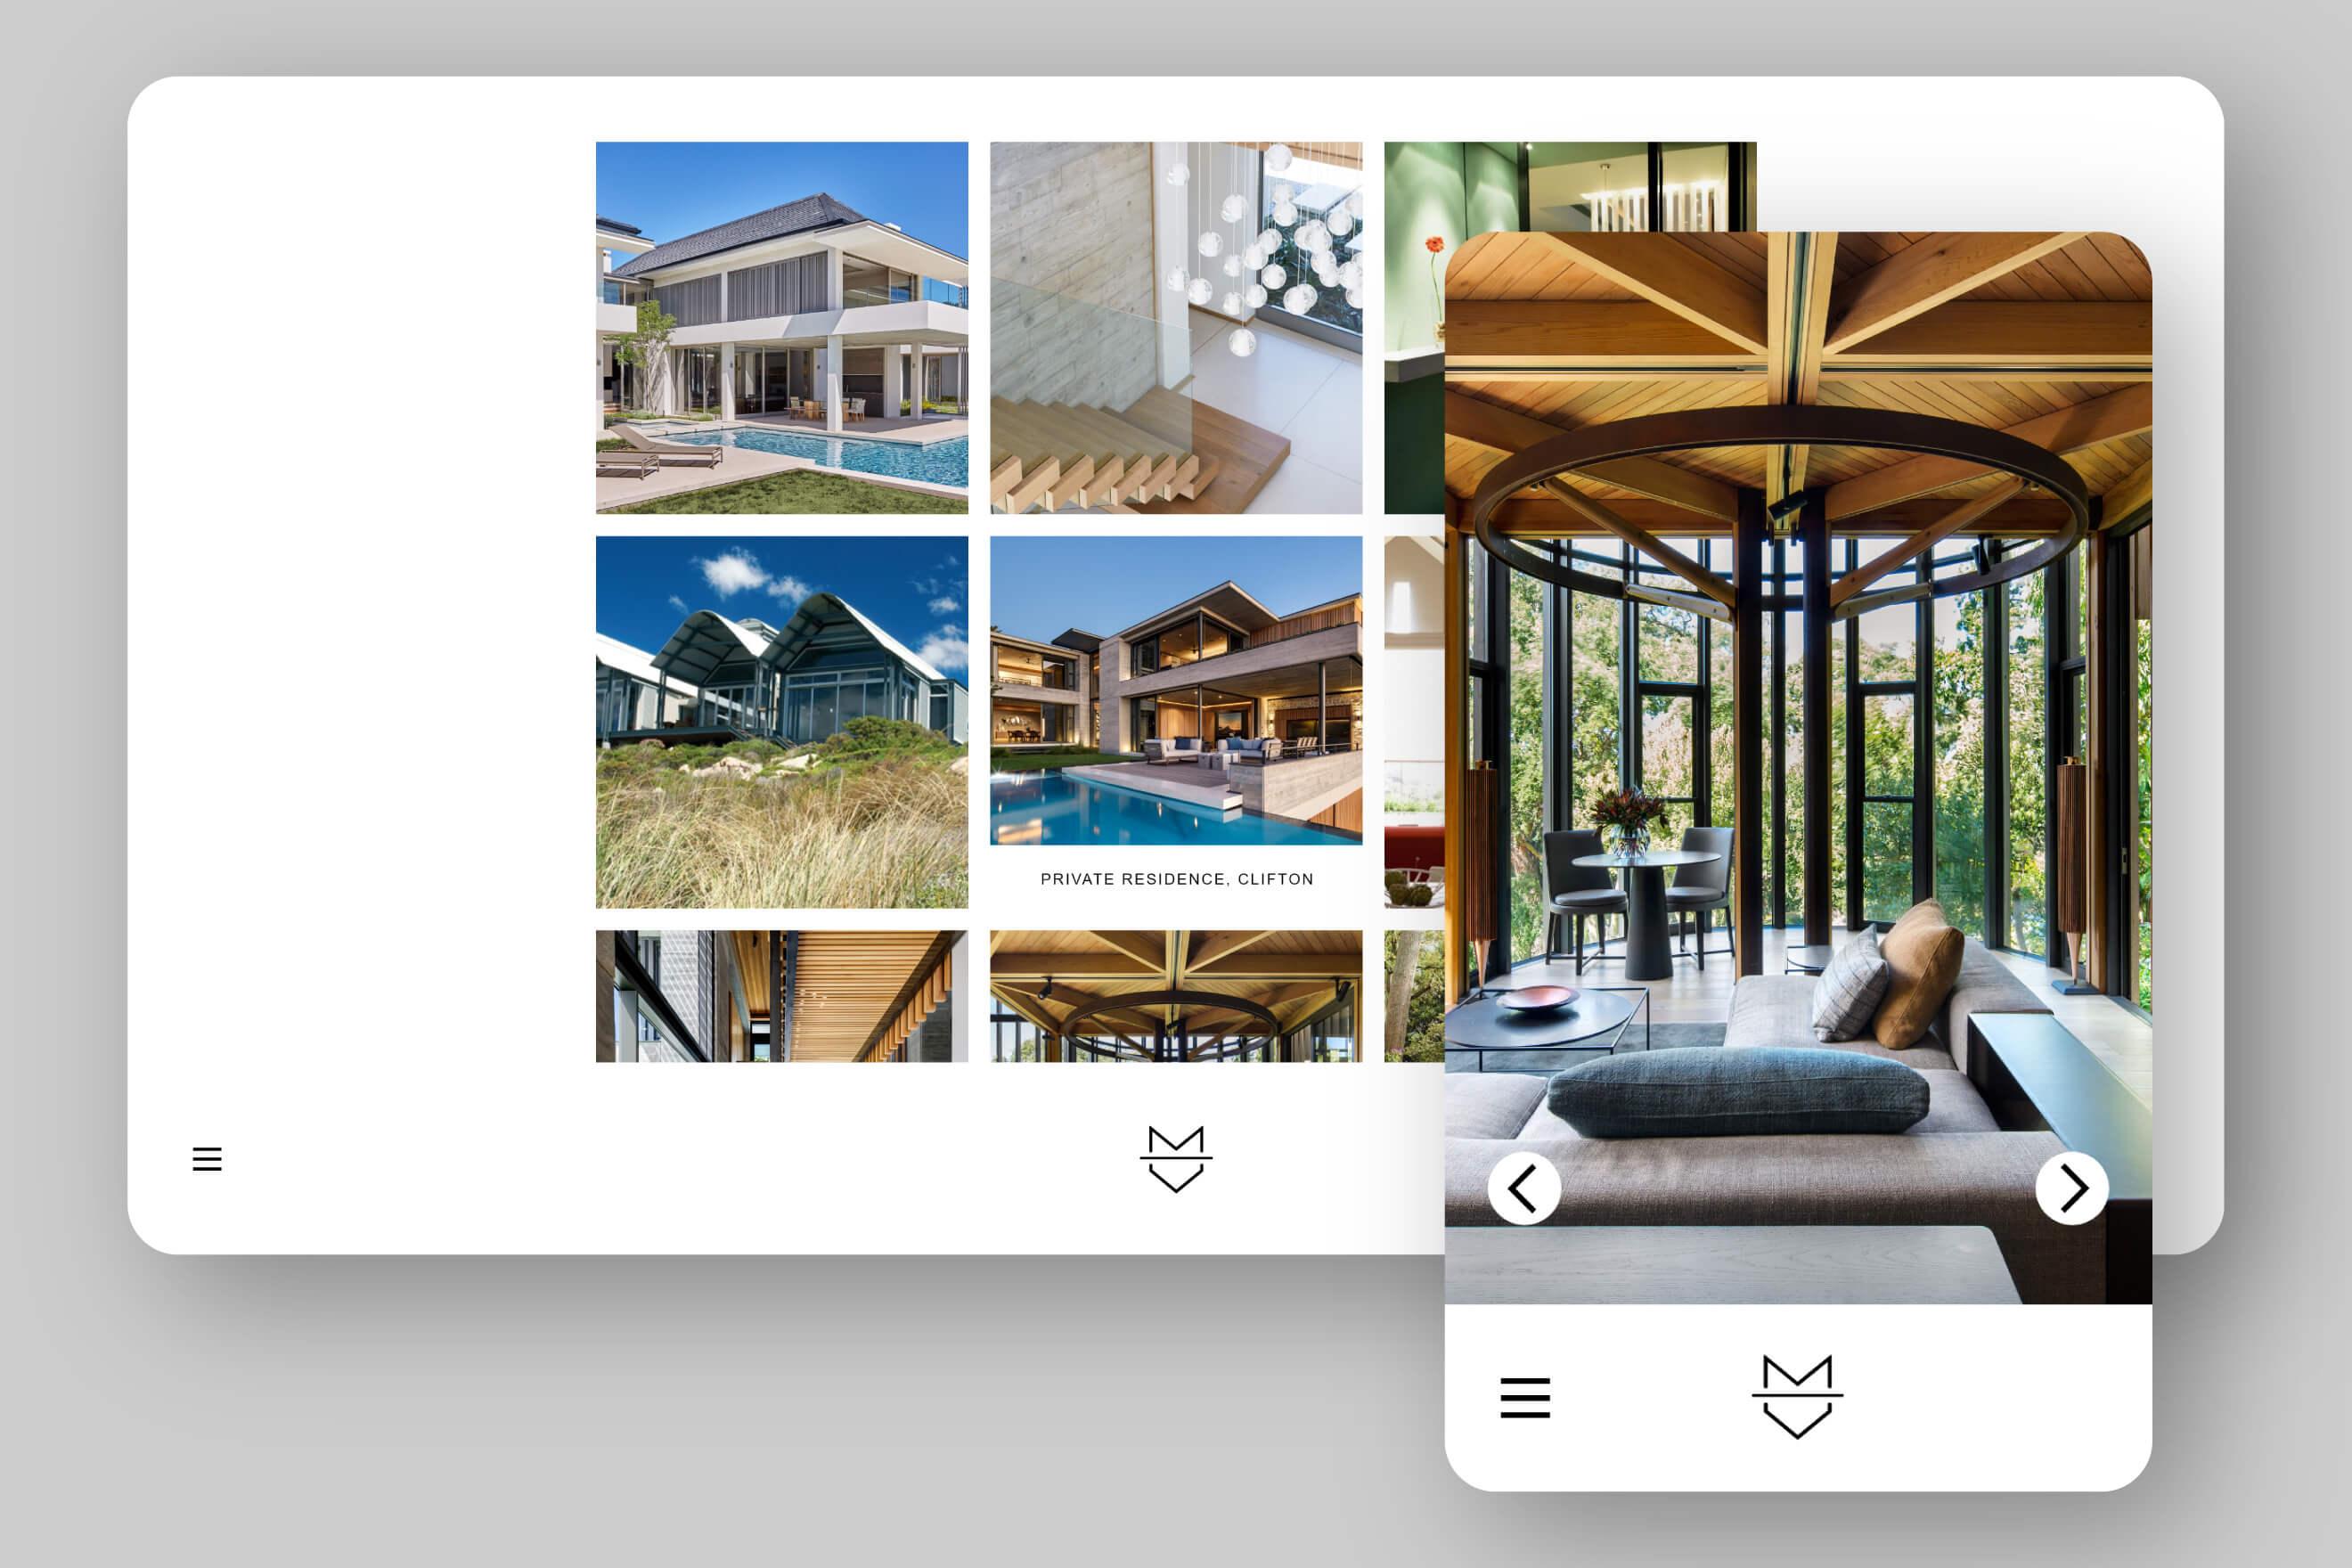 Malan Vorster Website Design Project image